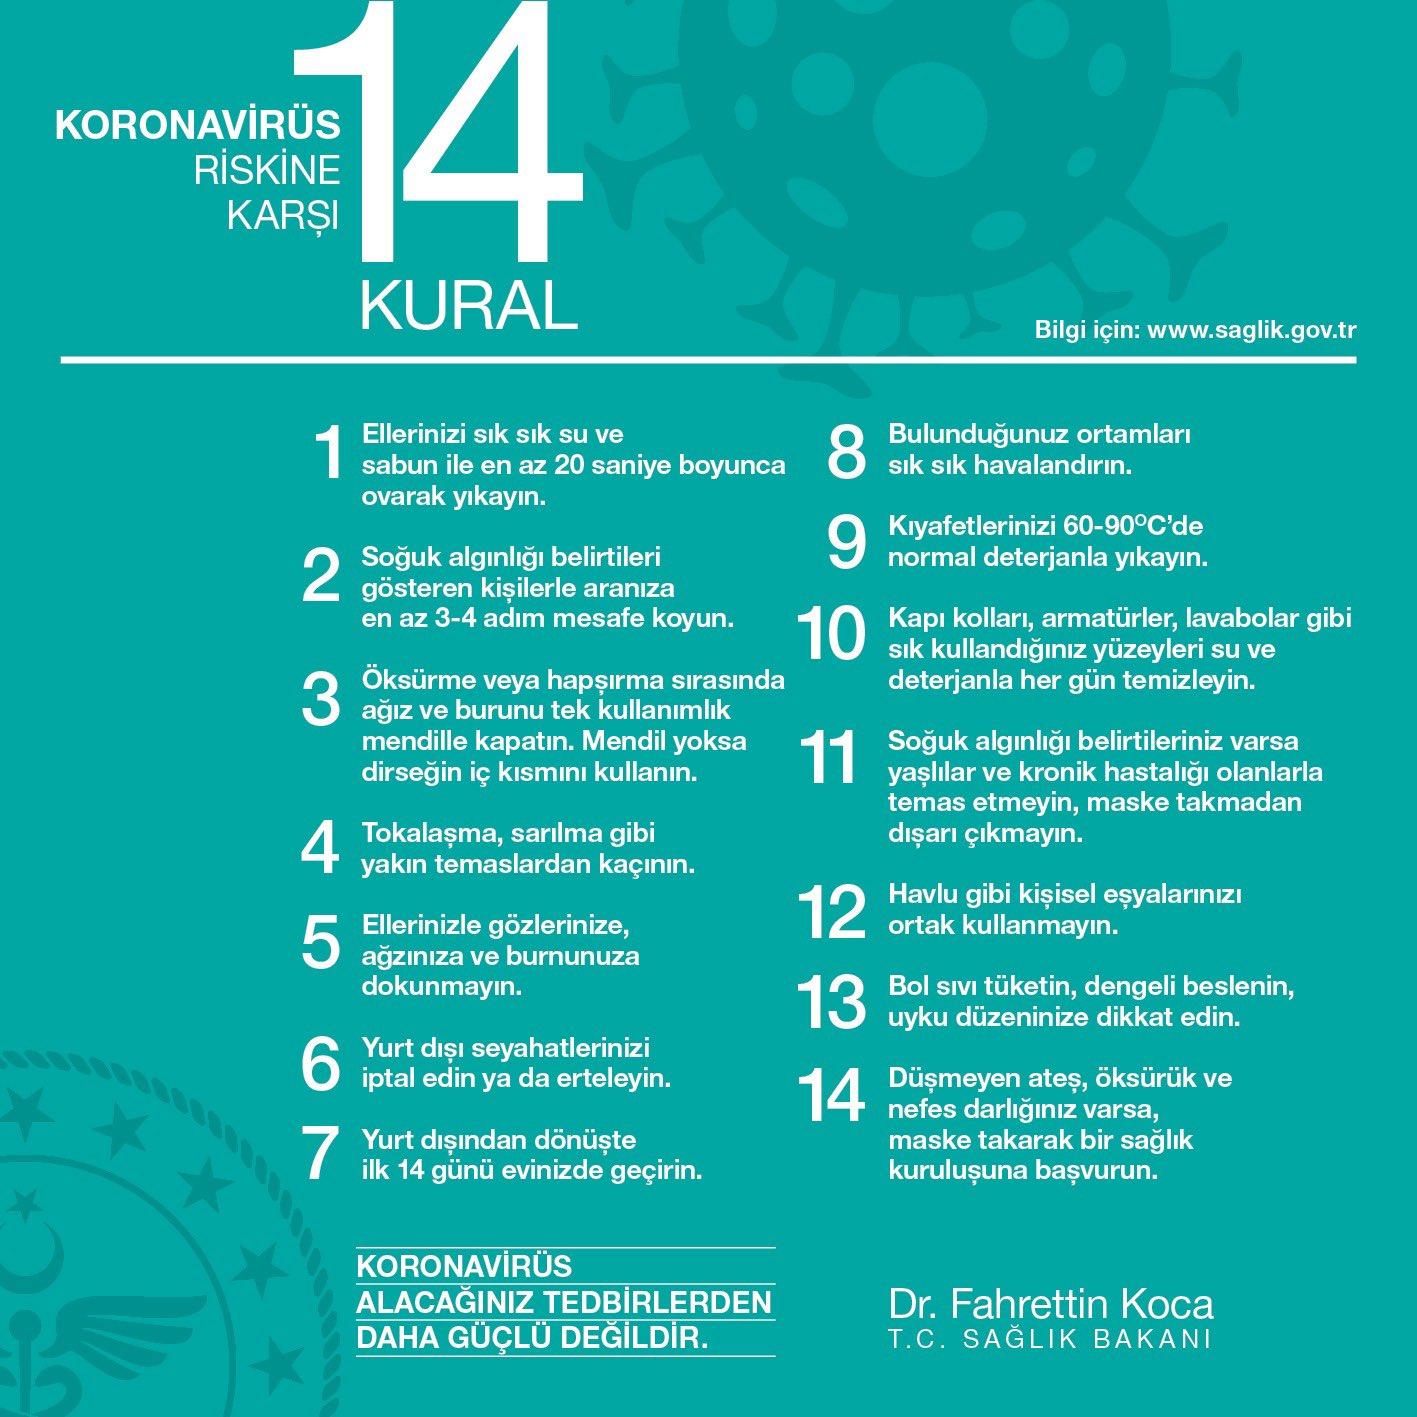 Korona-virus-riskine-karsi-14-kural-37455 1